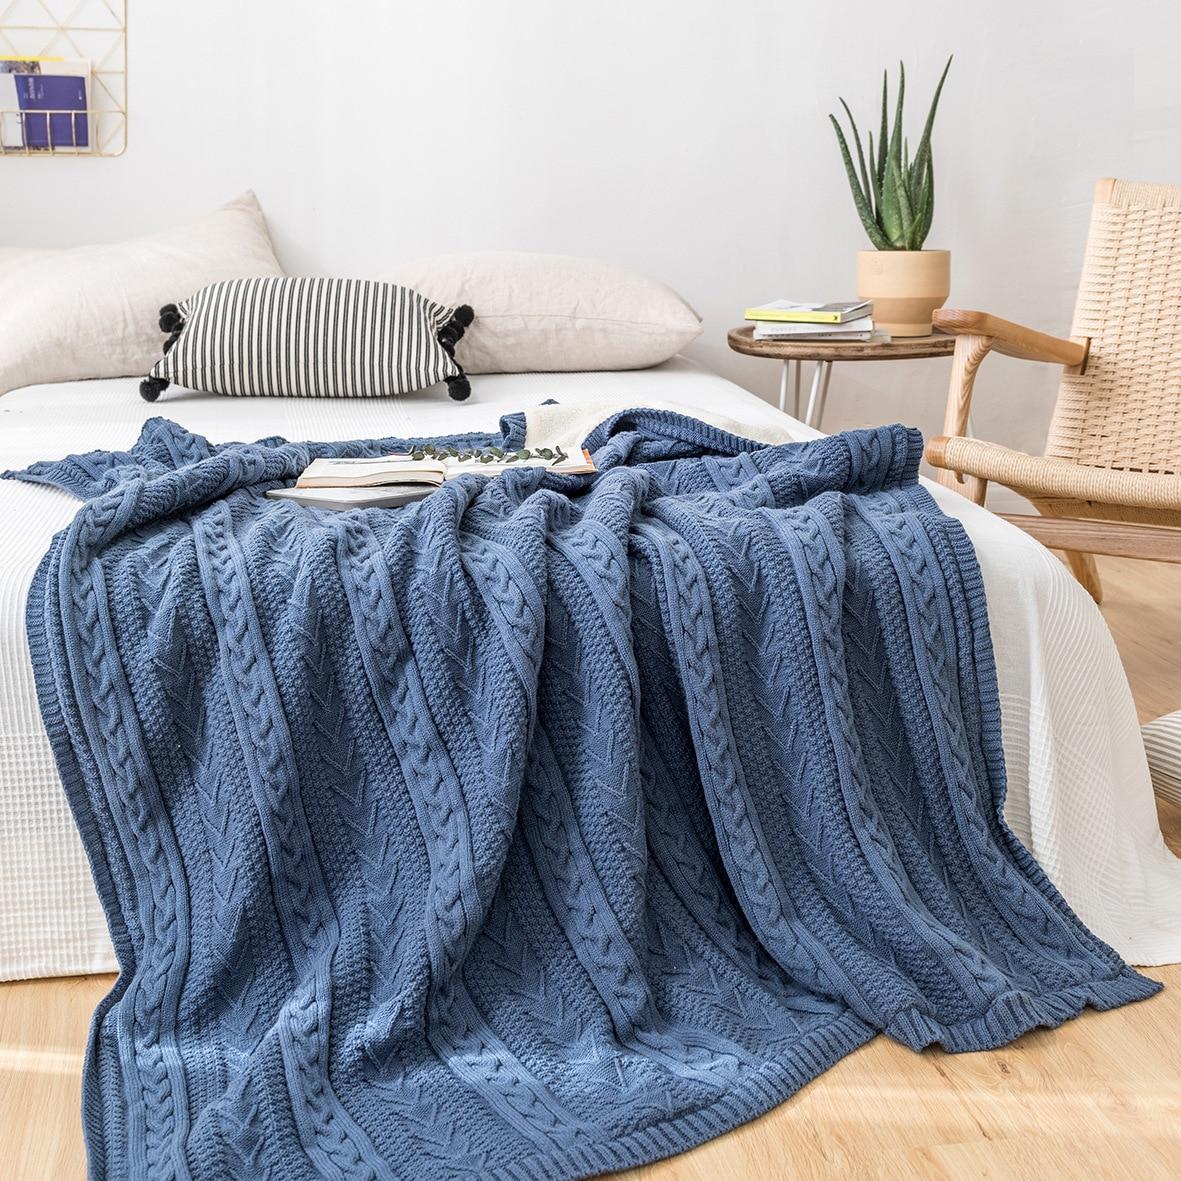 Couverture de laine tricotée avec des couvertures de couverture d'hiver de chanvre de velours pour des lits